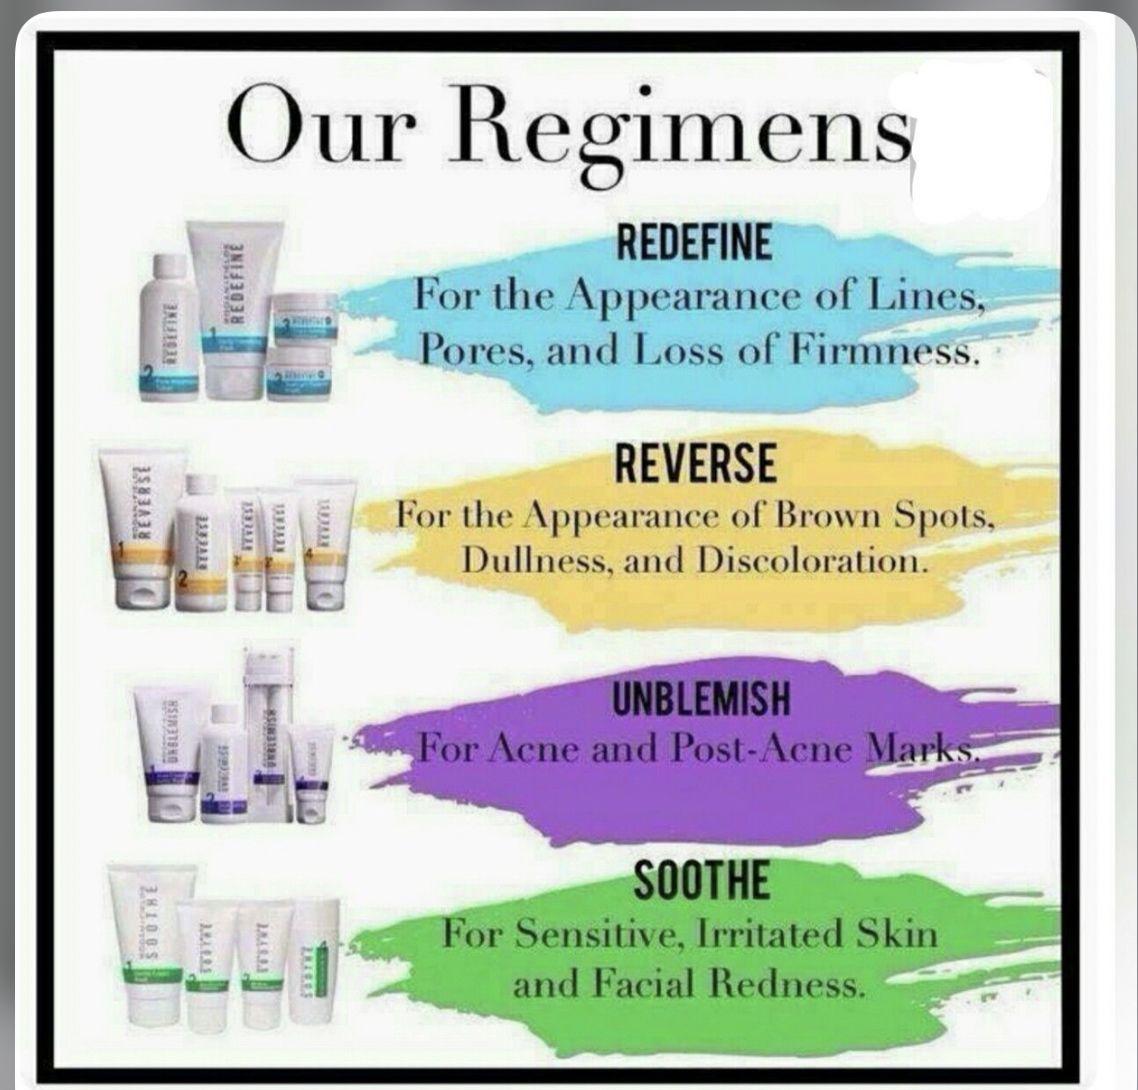 The Best Skin Care Rodan And Fields Regimen Rodan Fields Skin Care Rodan And Fields